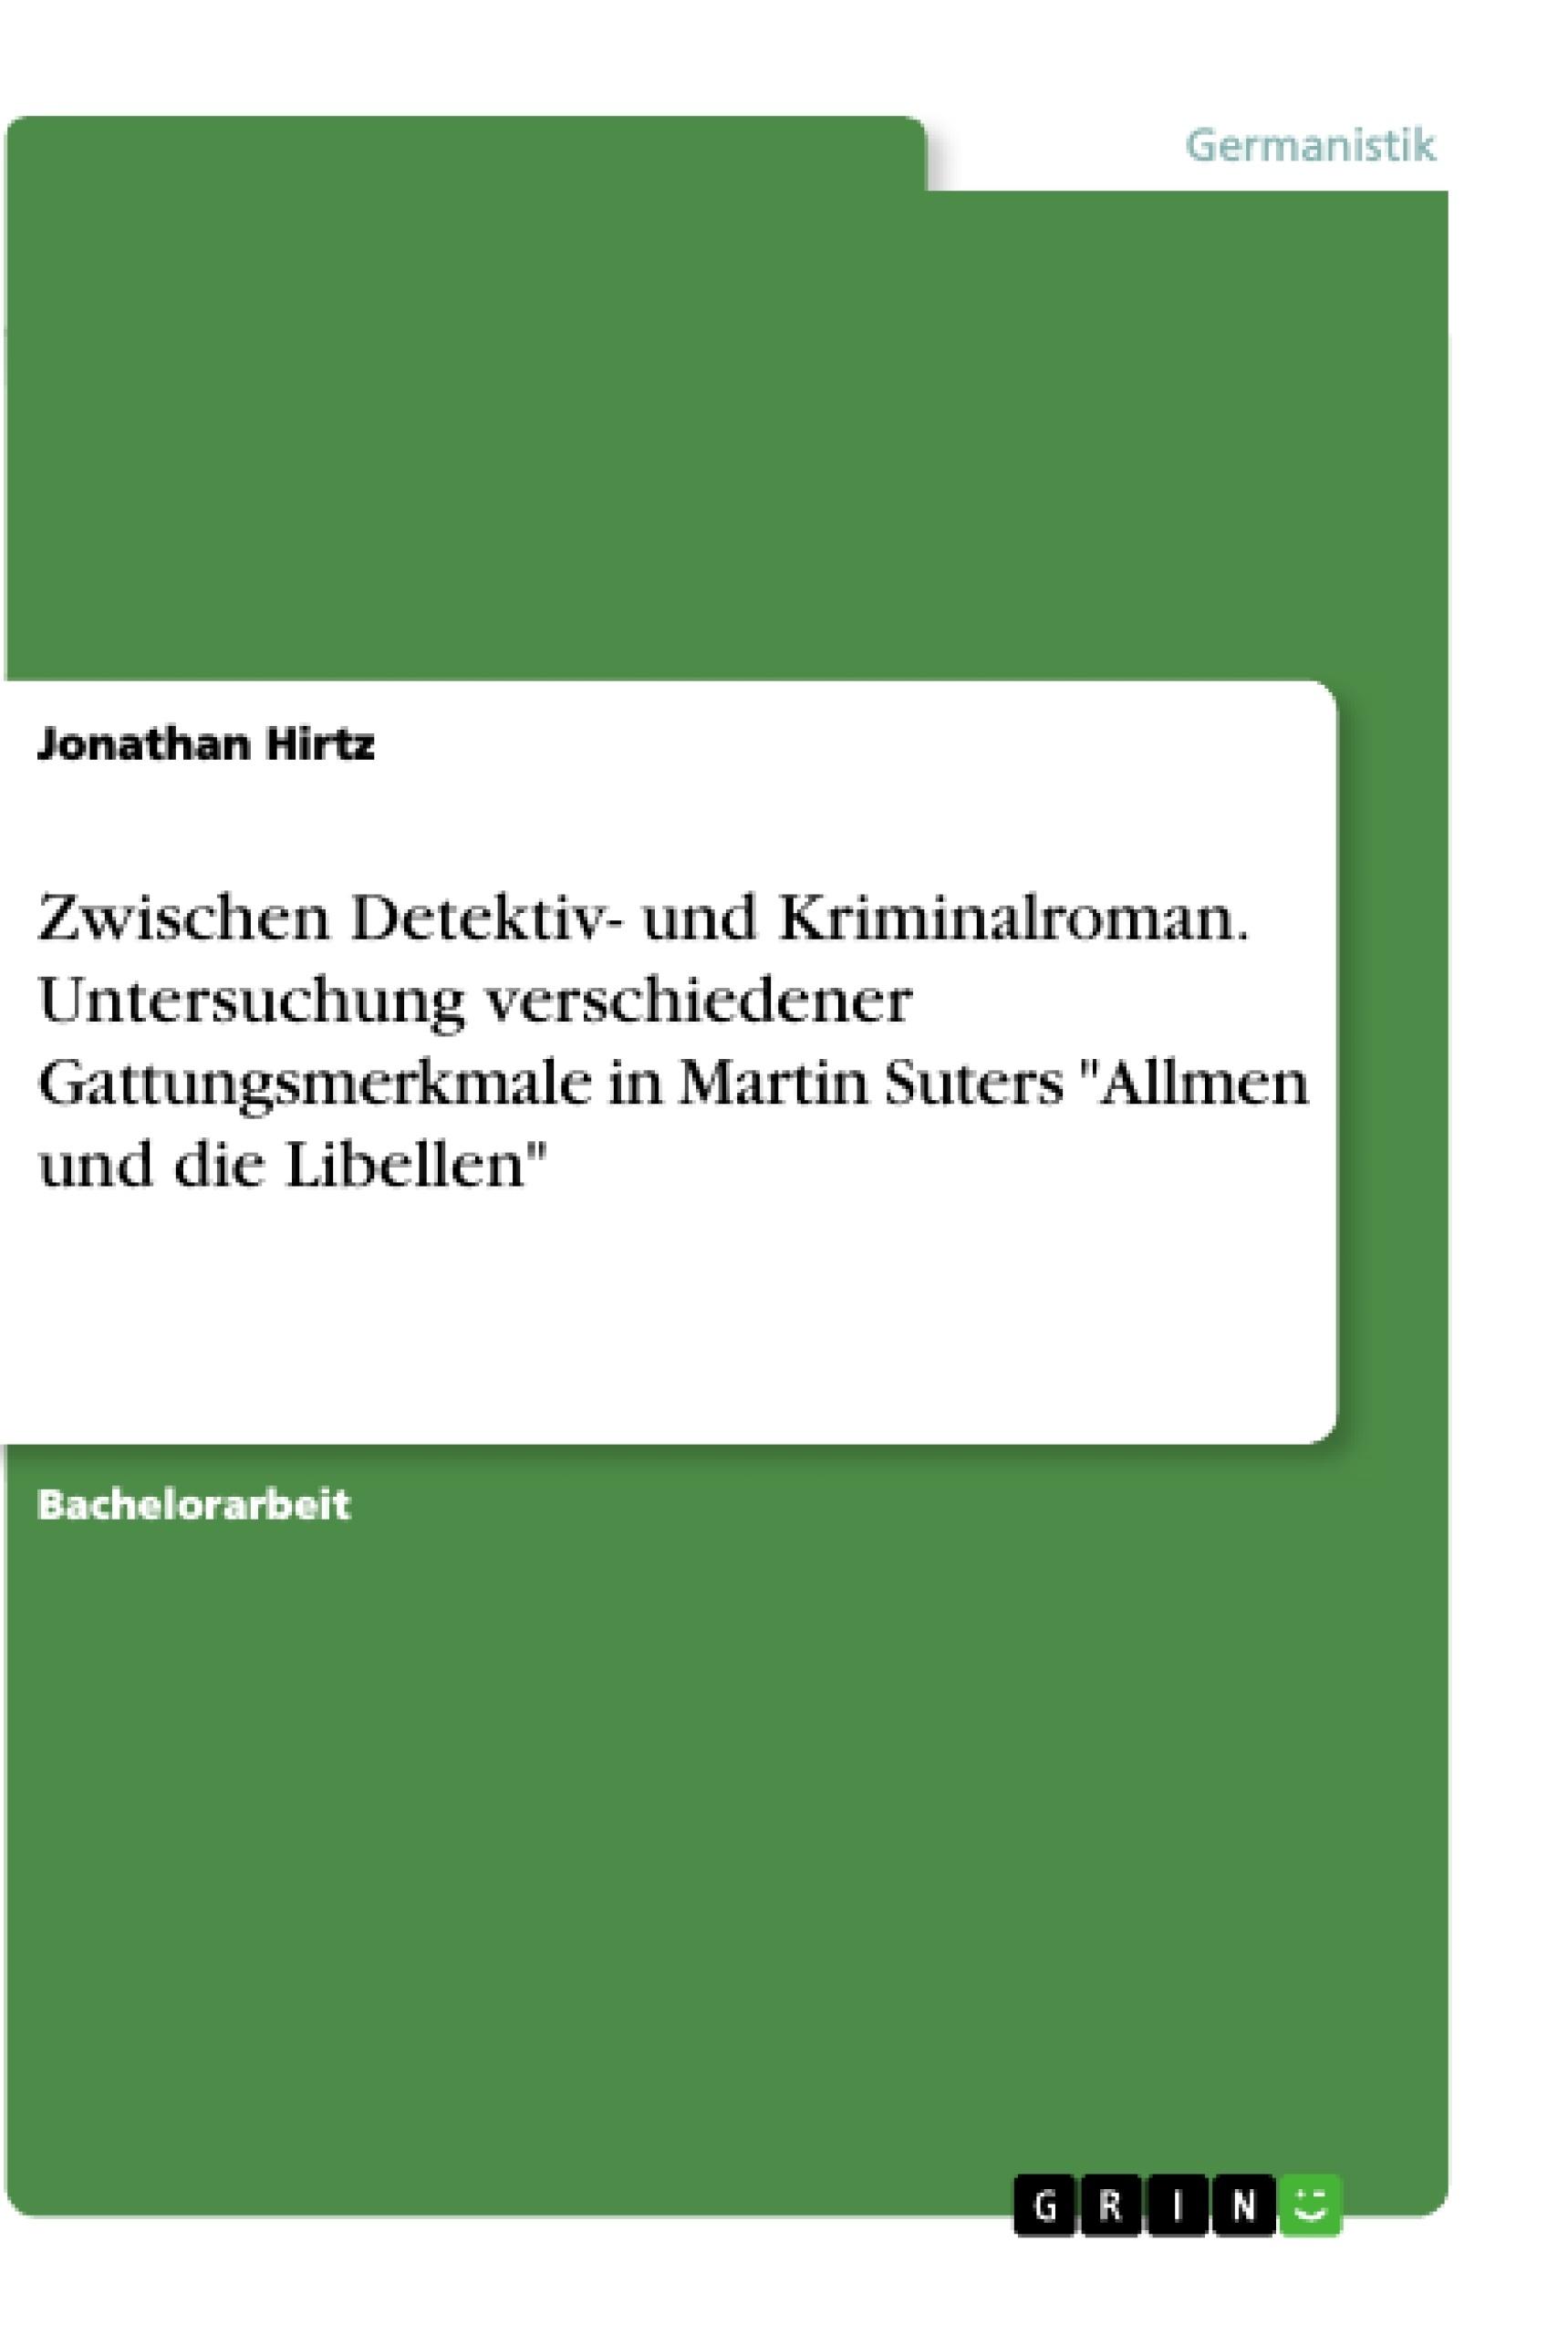 """Titel: Zwischen Detektiv- und Kriminalroman. Untersuchung verschiedener Gattungsmerkmale in Martin Suters """"Allmen und die Libellen"""""""